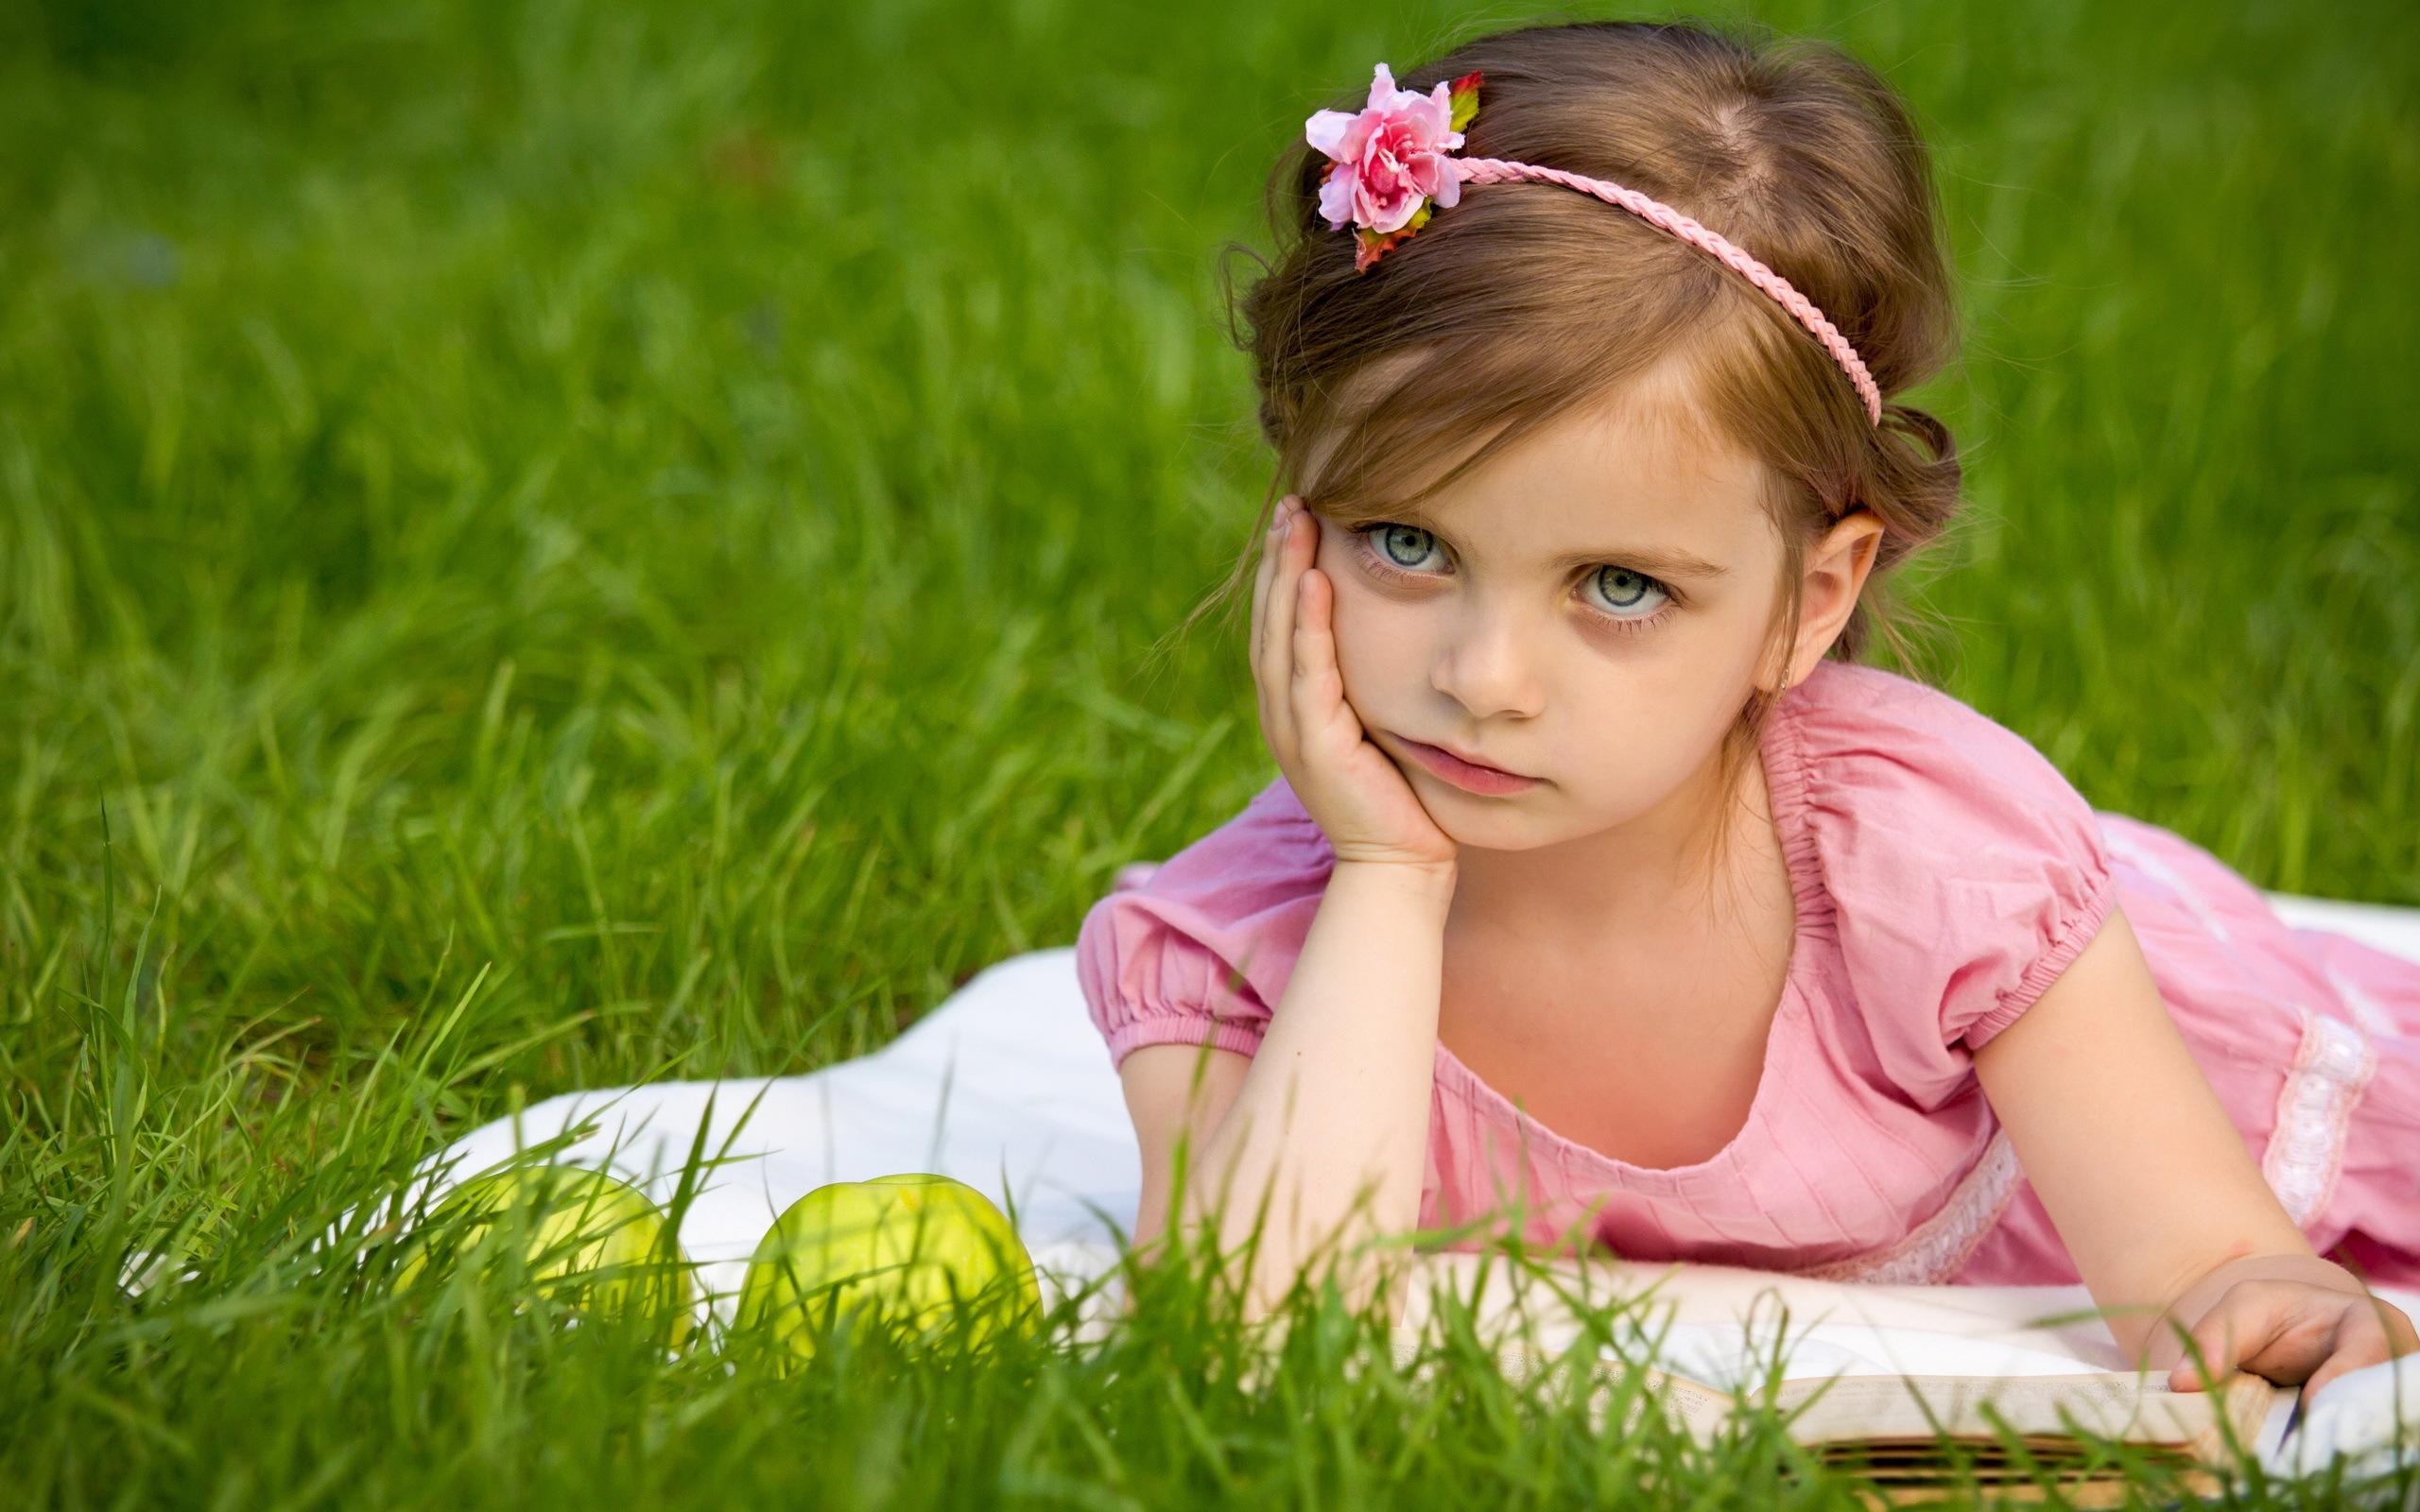 Фото малиньких девочек порно, Девочка созрела? Самые скандальные фотосессии юных 17 фотография